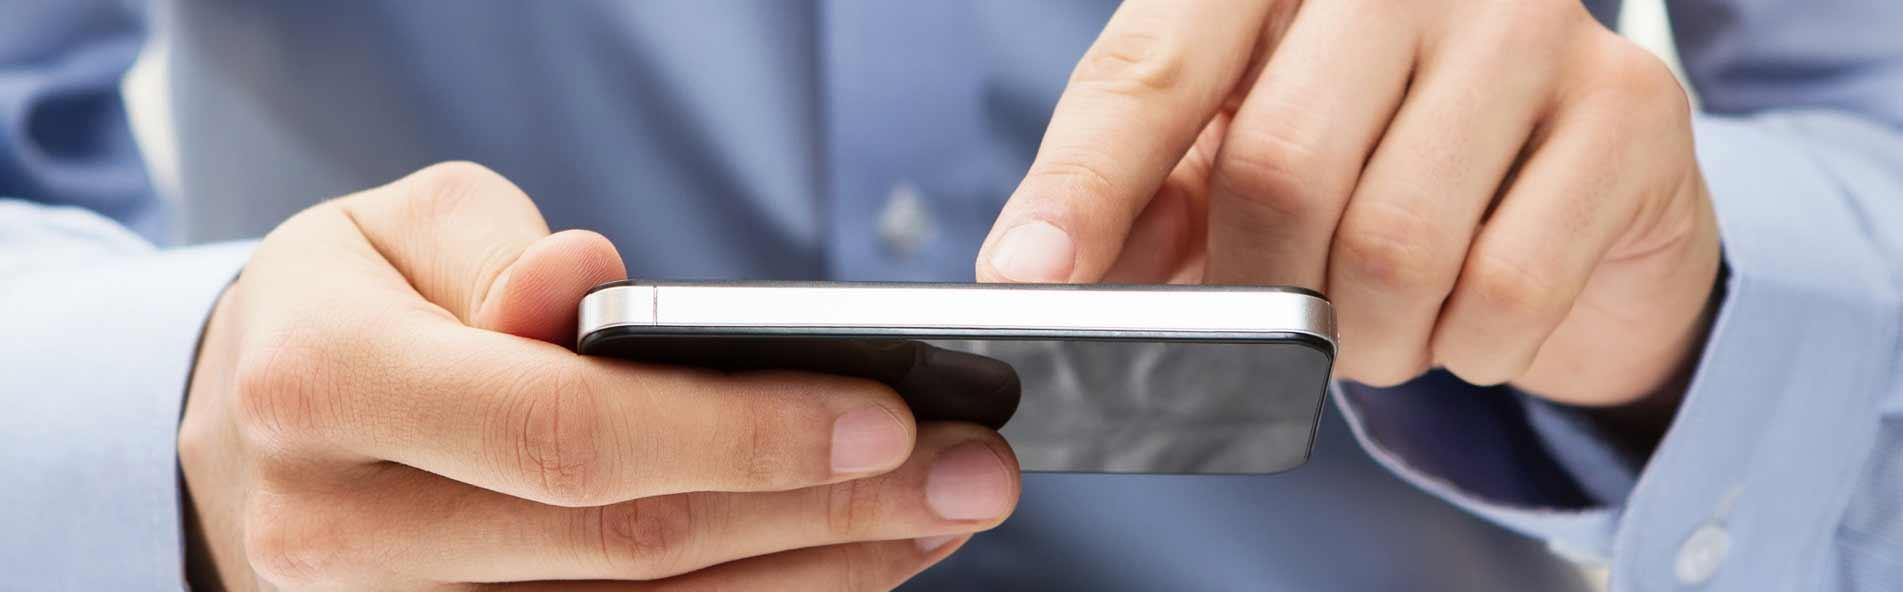 Comment espionner un portable sans logiciel - Espionner portable sans y avoir acces ...